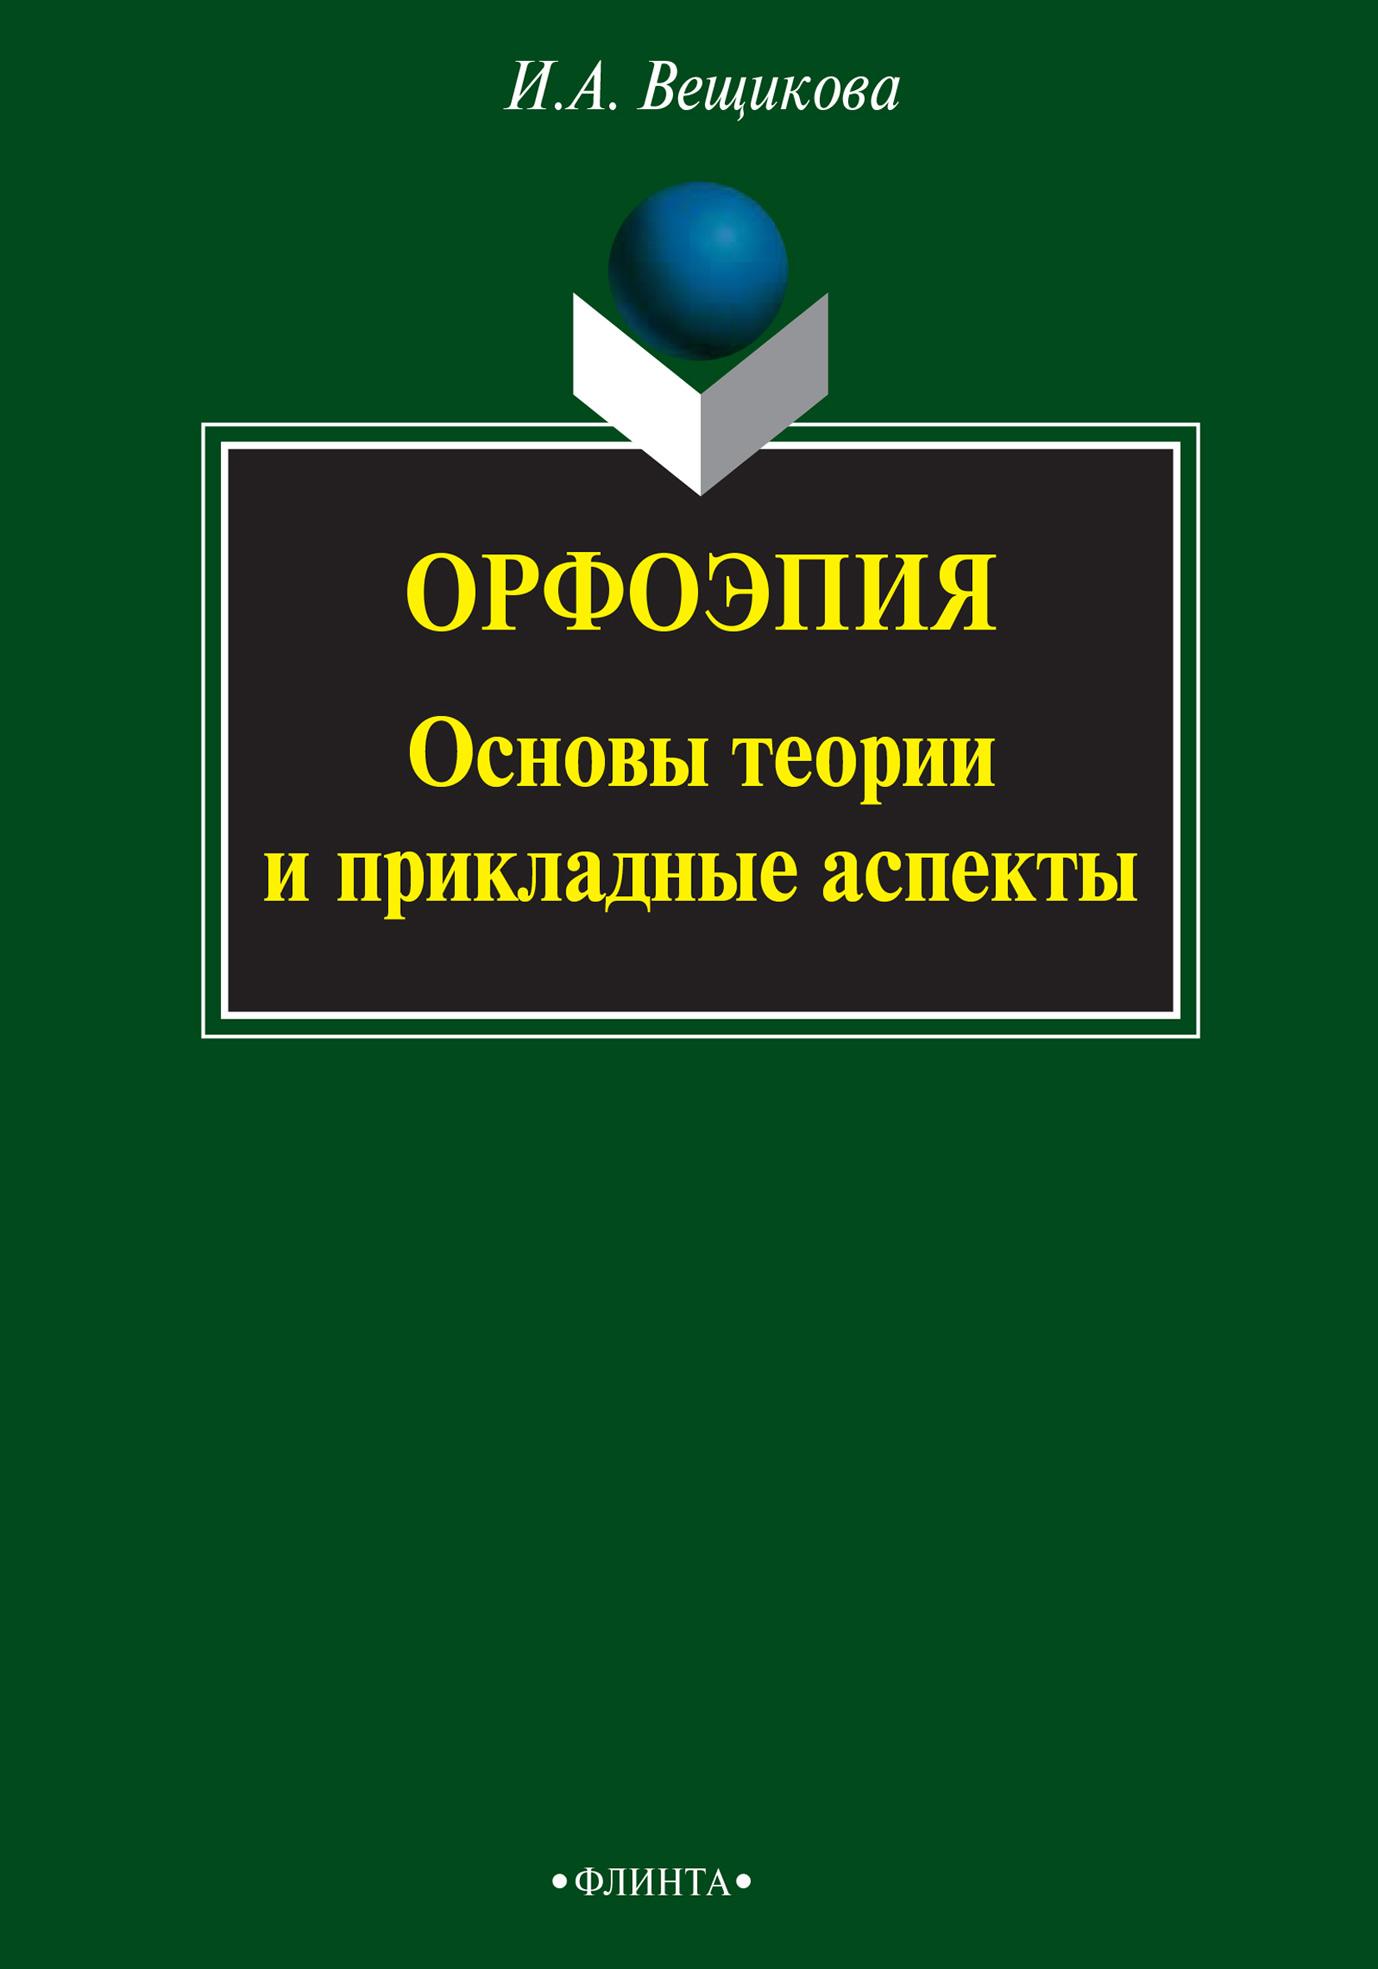 И. А. Вещикова Орфоэпия: основы теории и прикладные аспекты цены онлайн